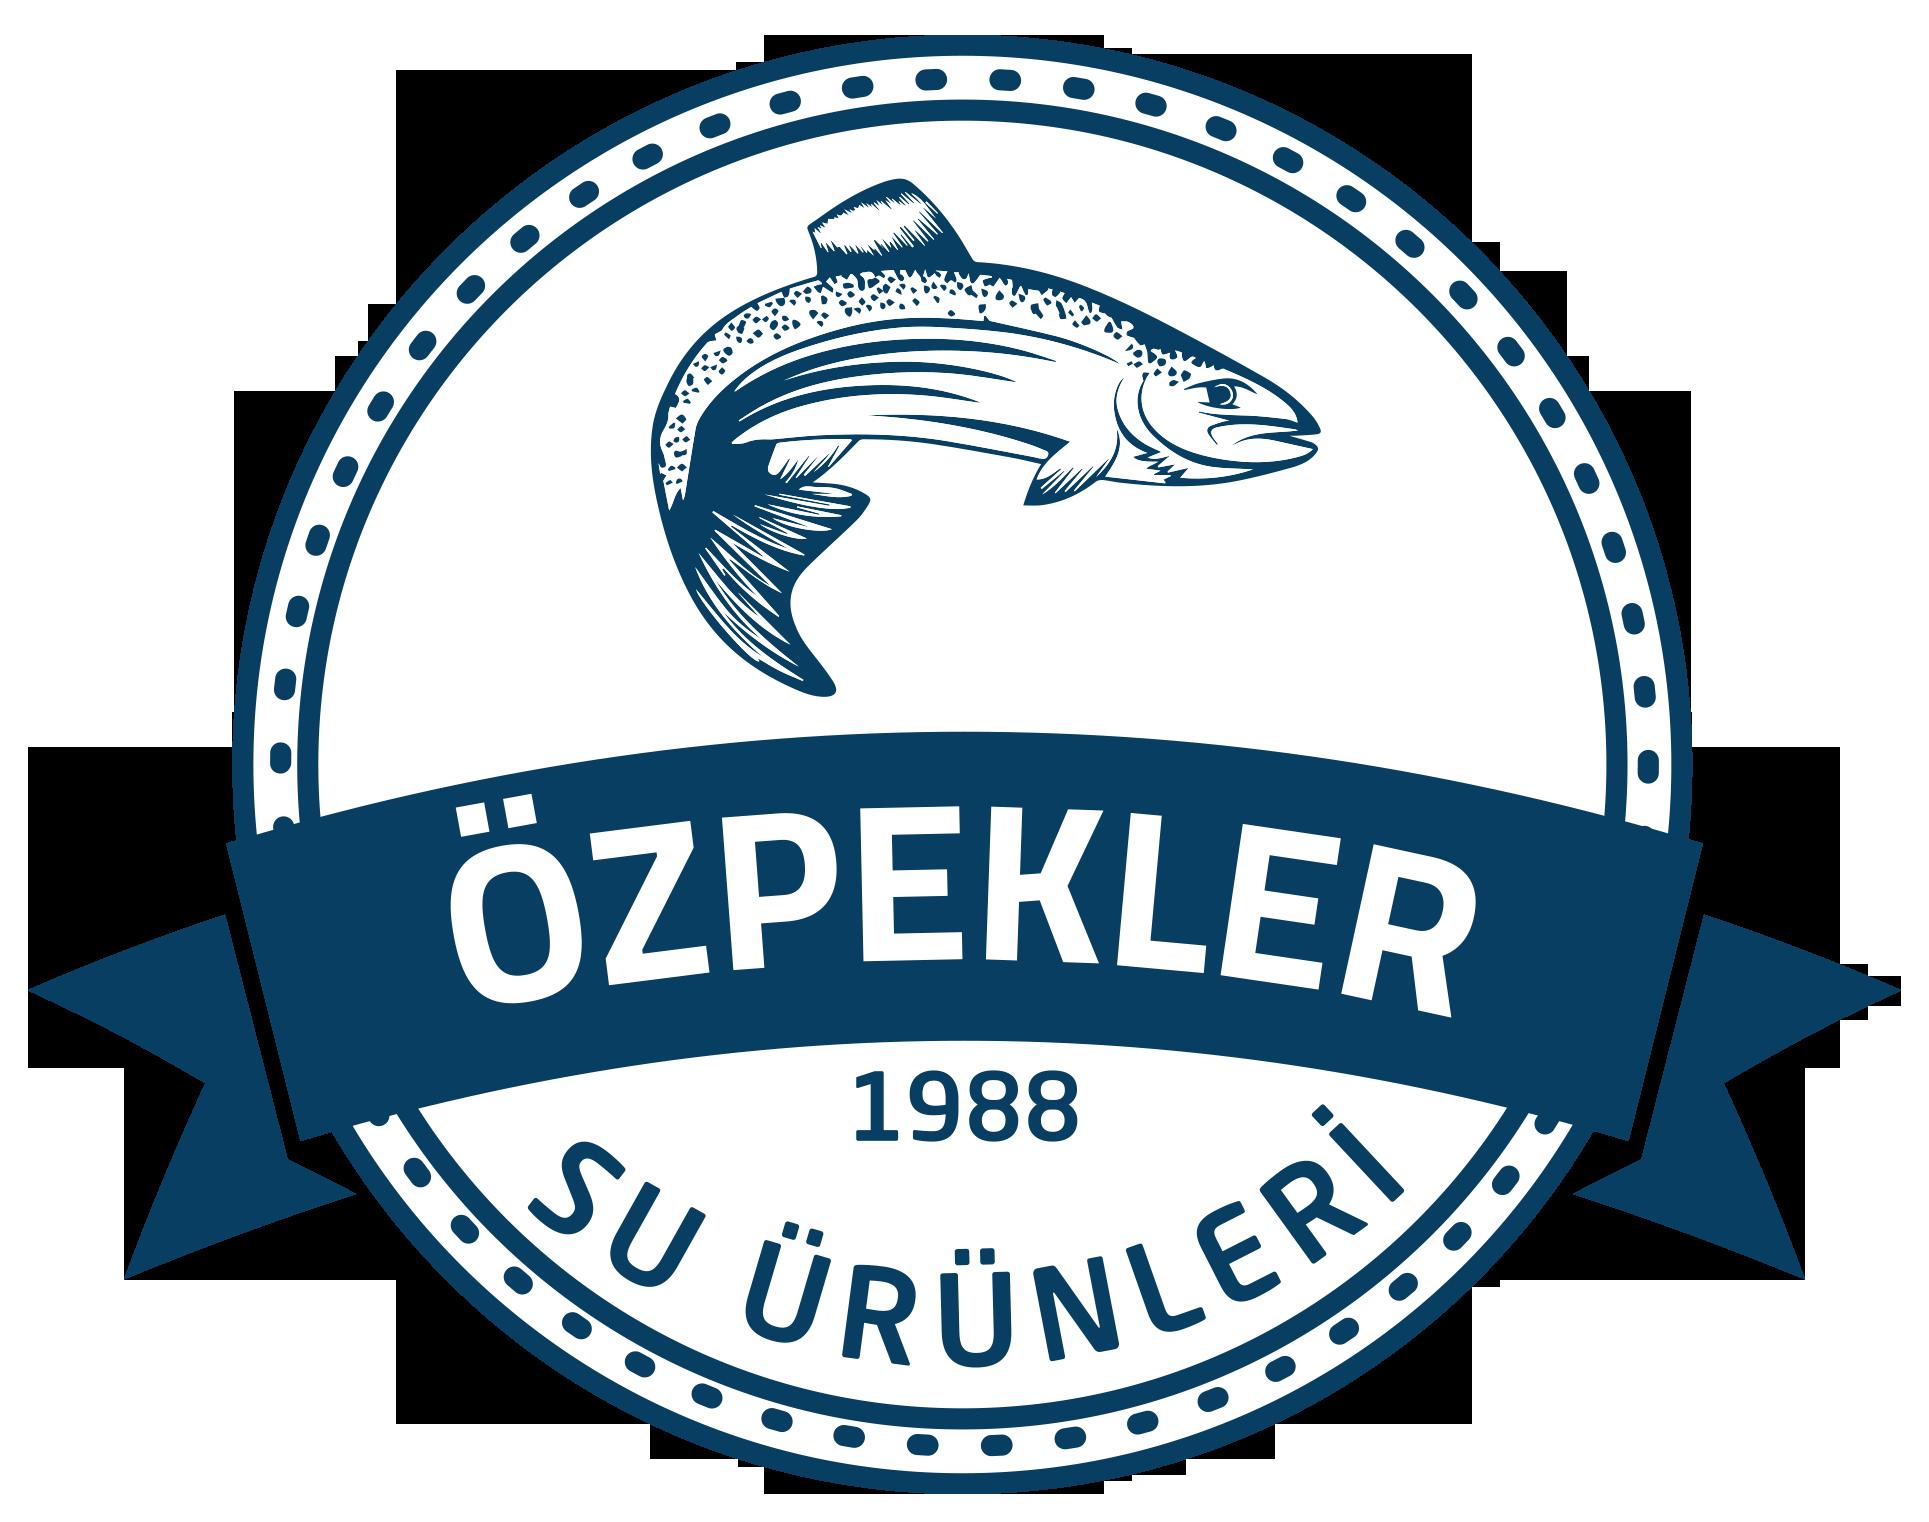 Çameli - Özpekler Su Ürünleri Ltd. Şti.